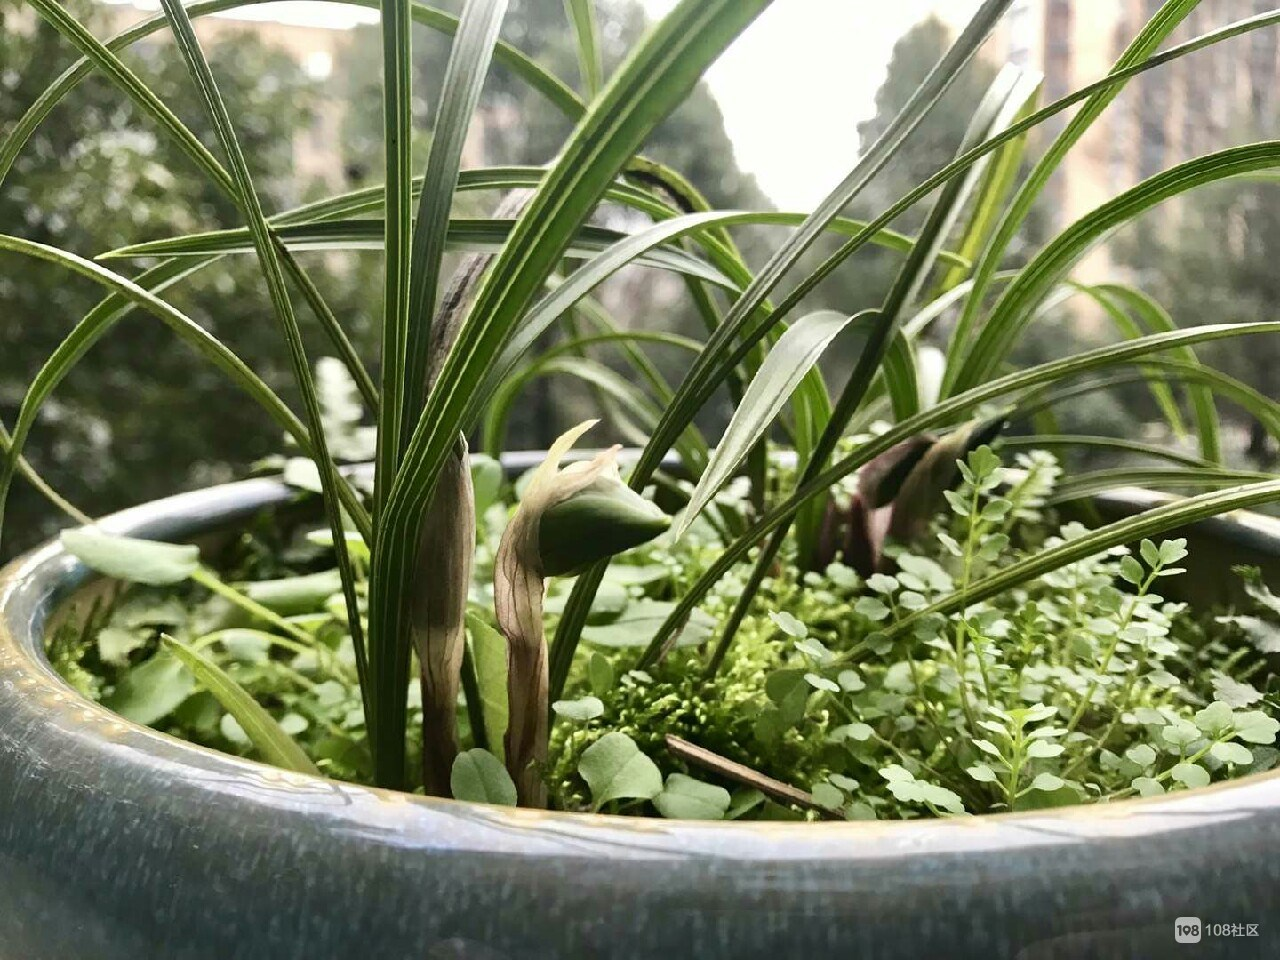 满满干货!社友分享5种兰花养殖经验,看完秒变绿植高手